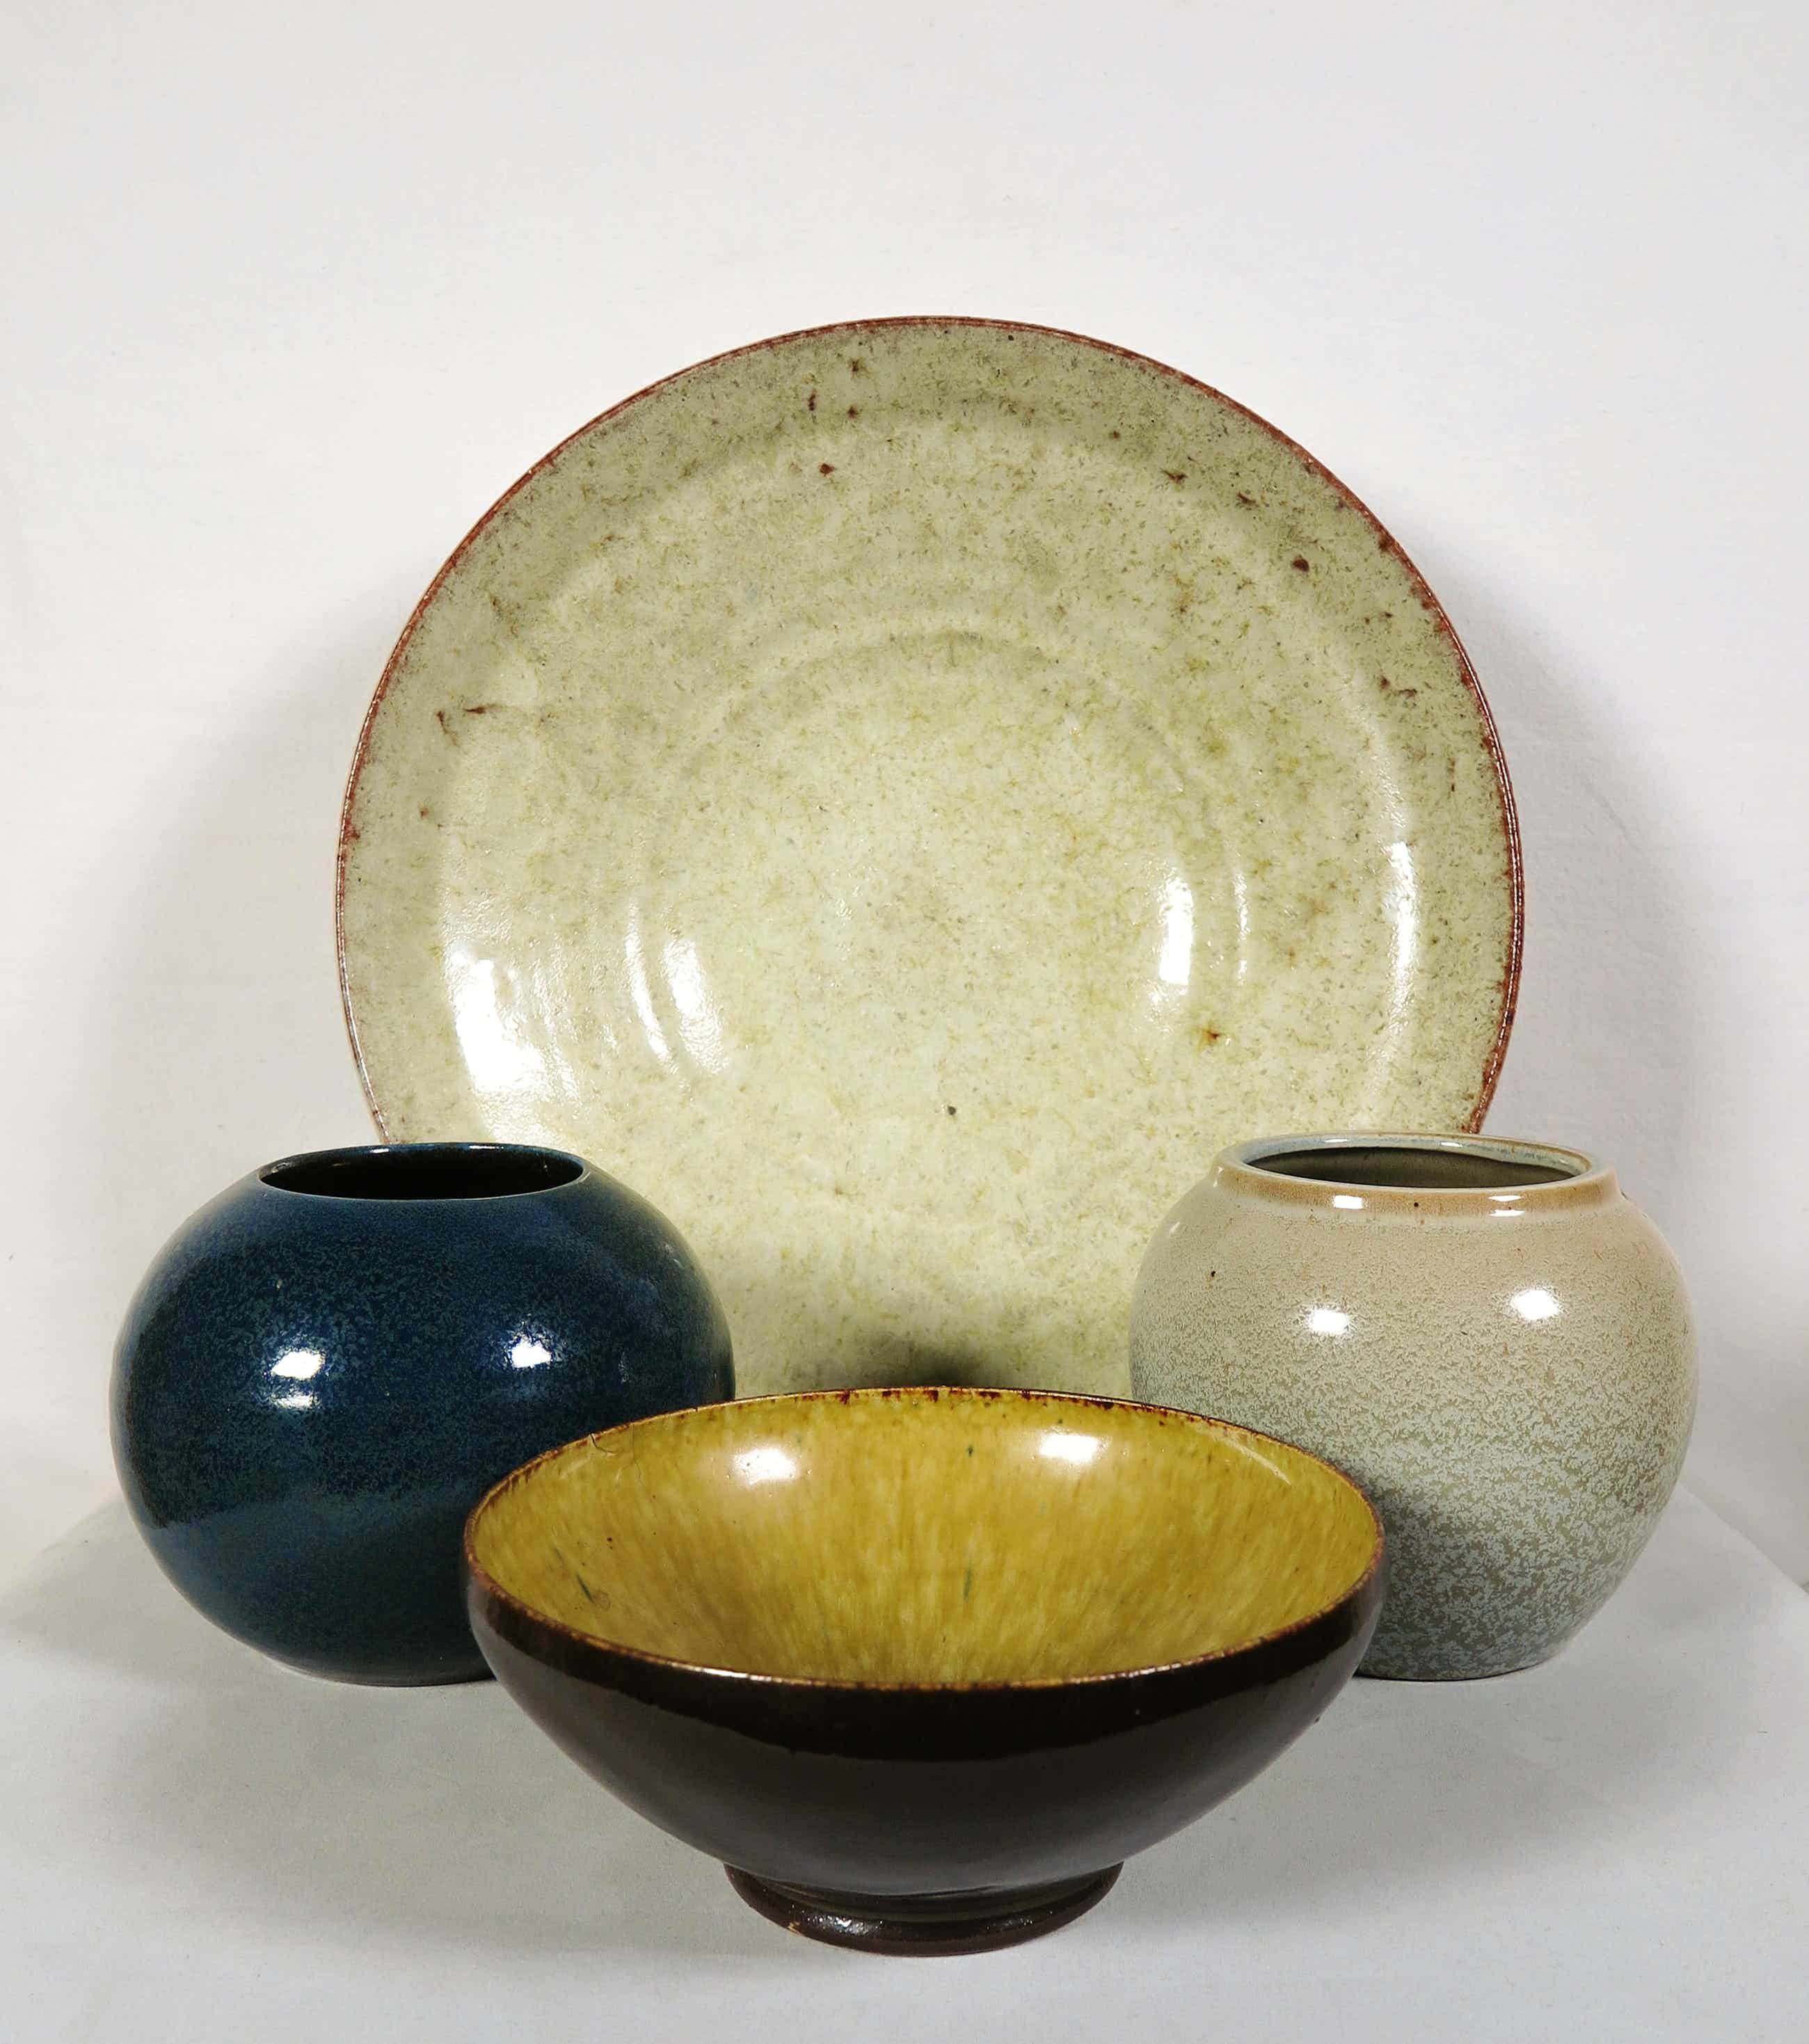 Gerrit de Blanken - & Potterij Zaalberg - Lot van vier keramieken objecten kopen? Bied vanaf 50!